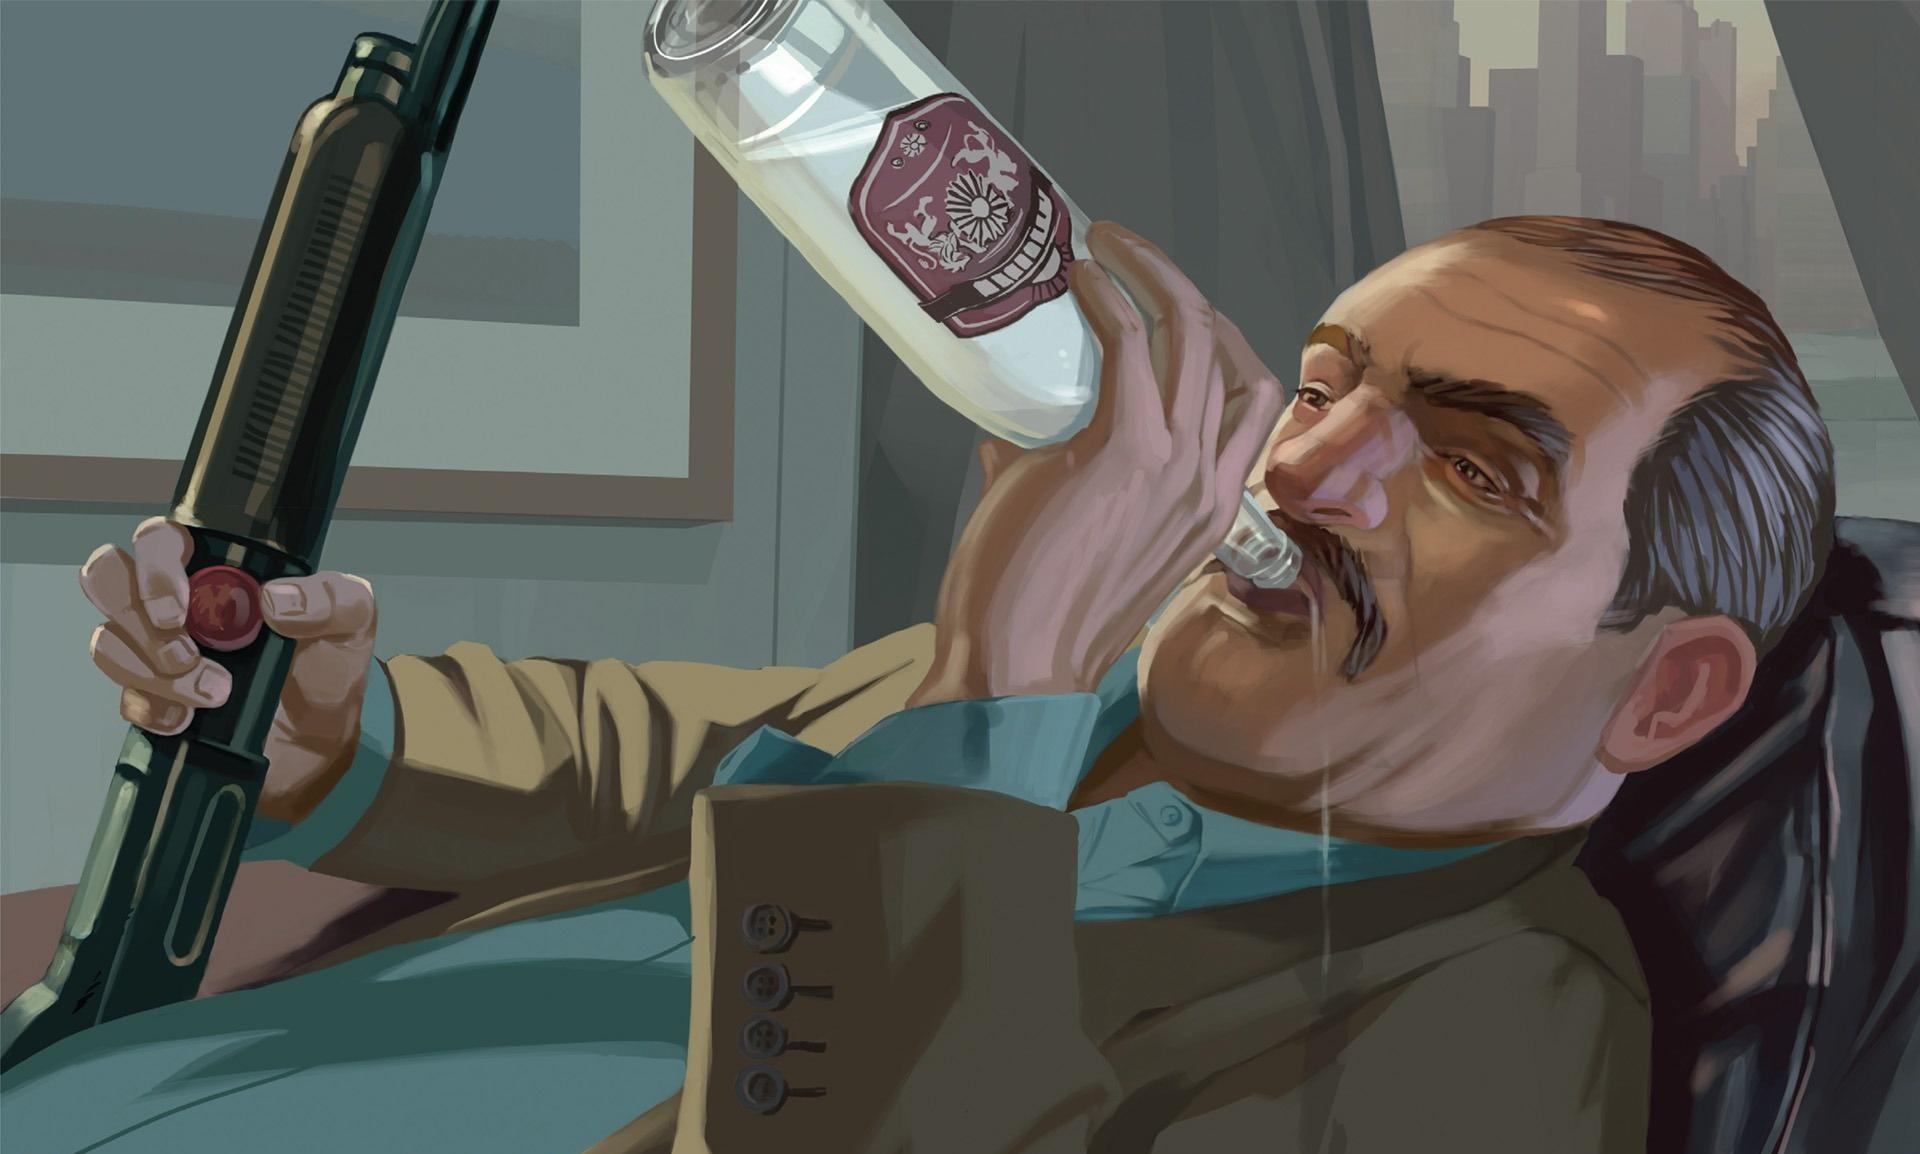 В Steam наконец-то добавили достижения для Grand Theft Auto IV